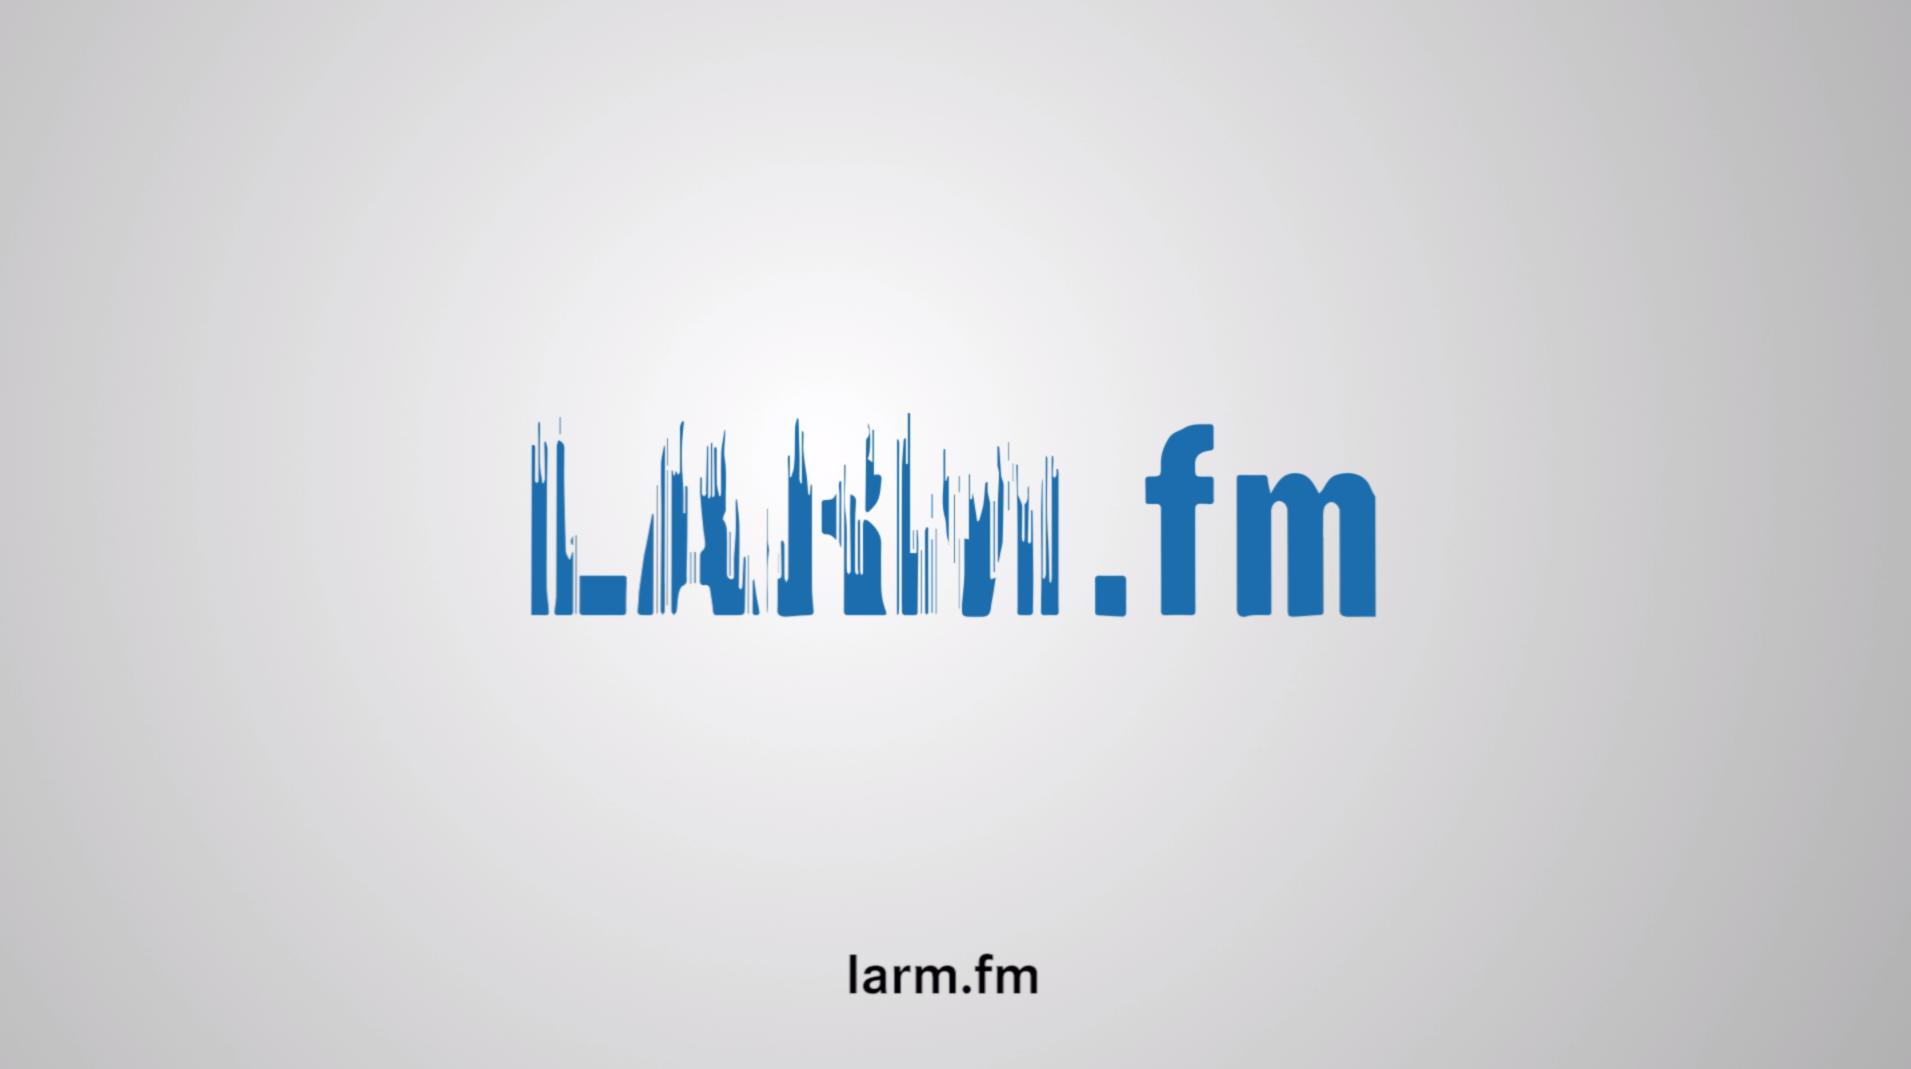 larm-logo-banner